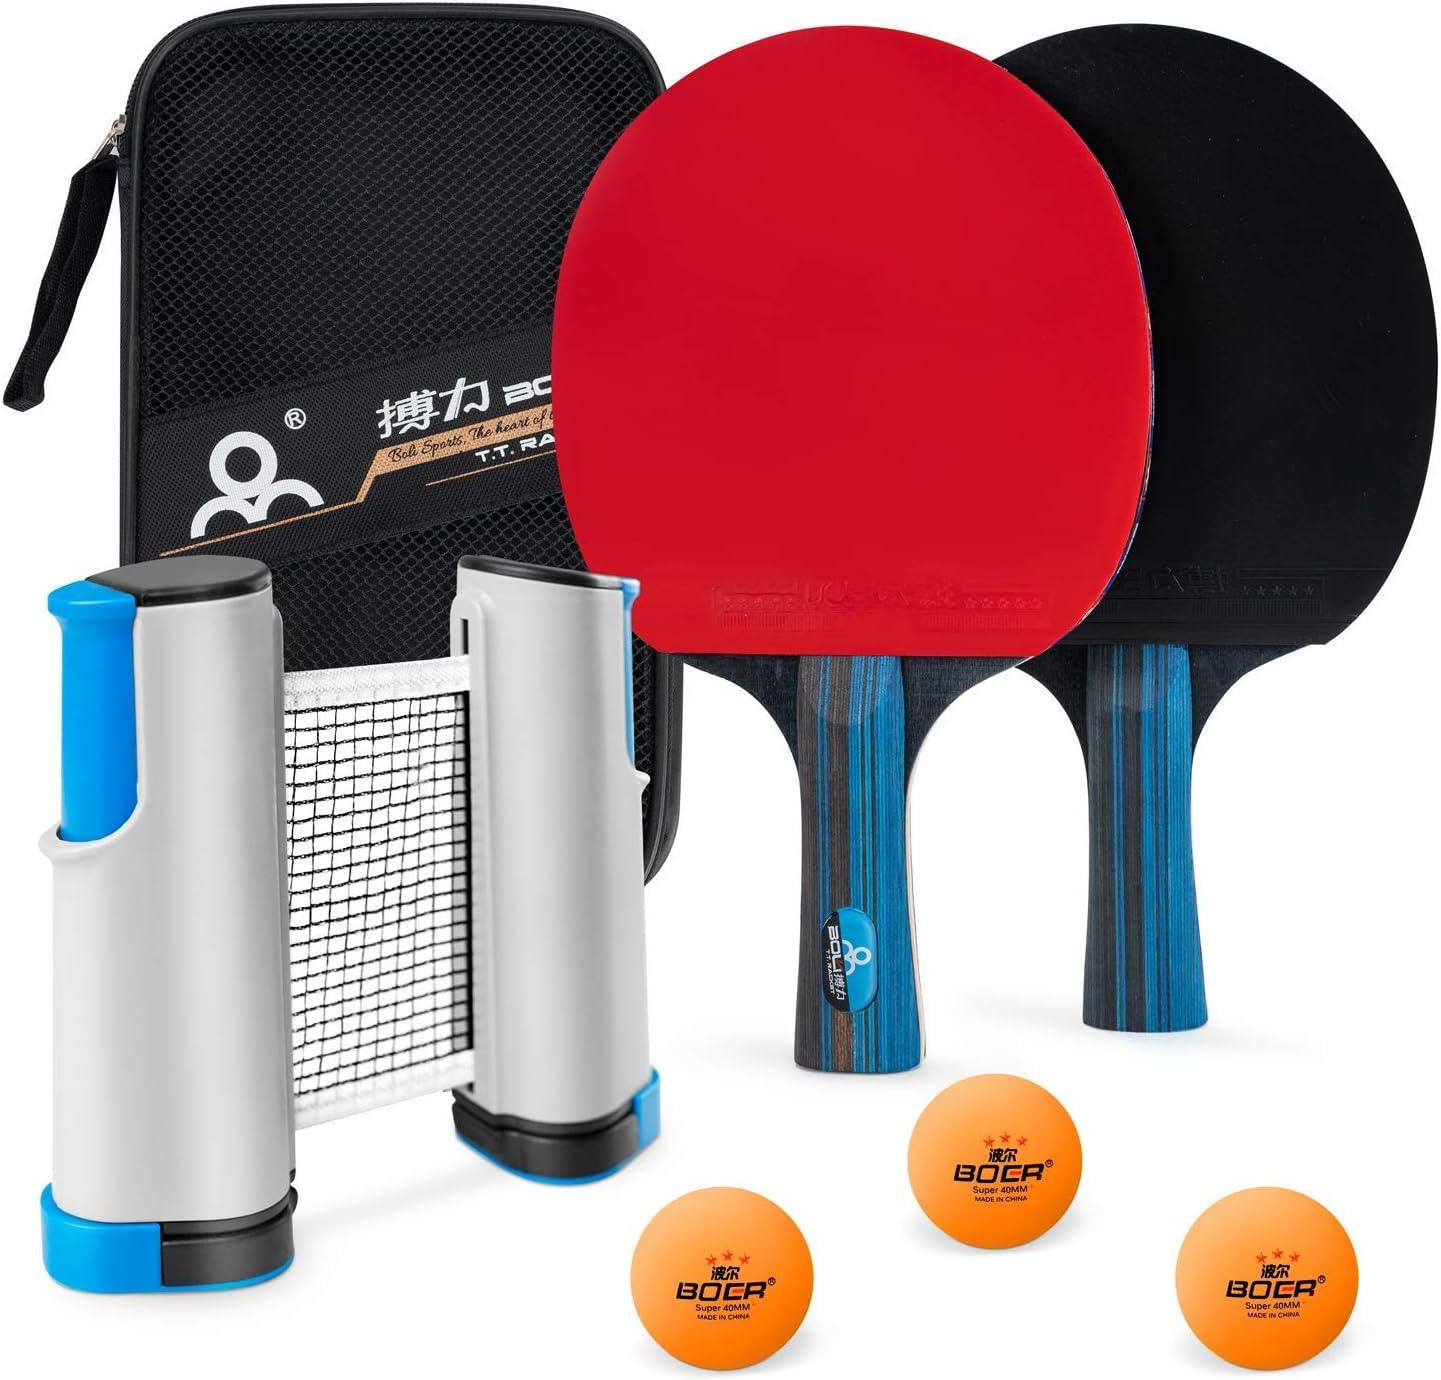 Sportausrüstung & -bekleidung und Freizeitspiele PGFUNNY